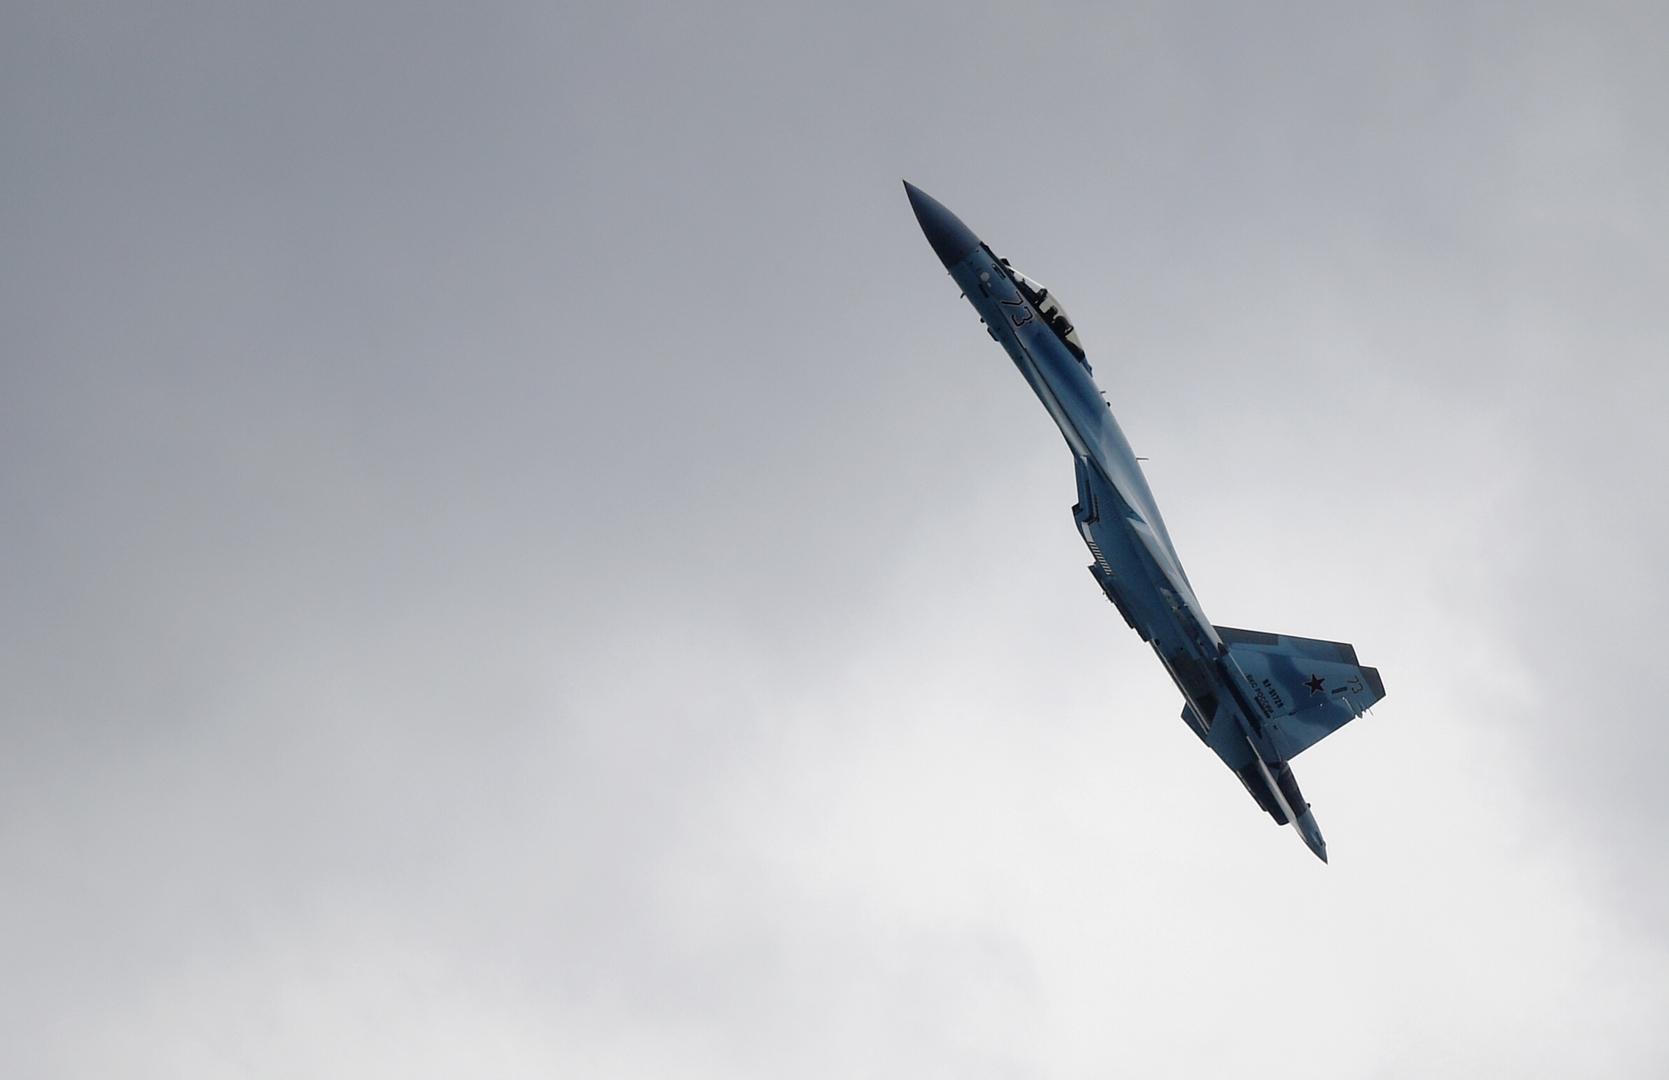 لقطات مثيرة تكشف لحظة تصنيع أقوى مقاتلات روسية ترغب مصر في الحصول عليها